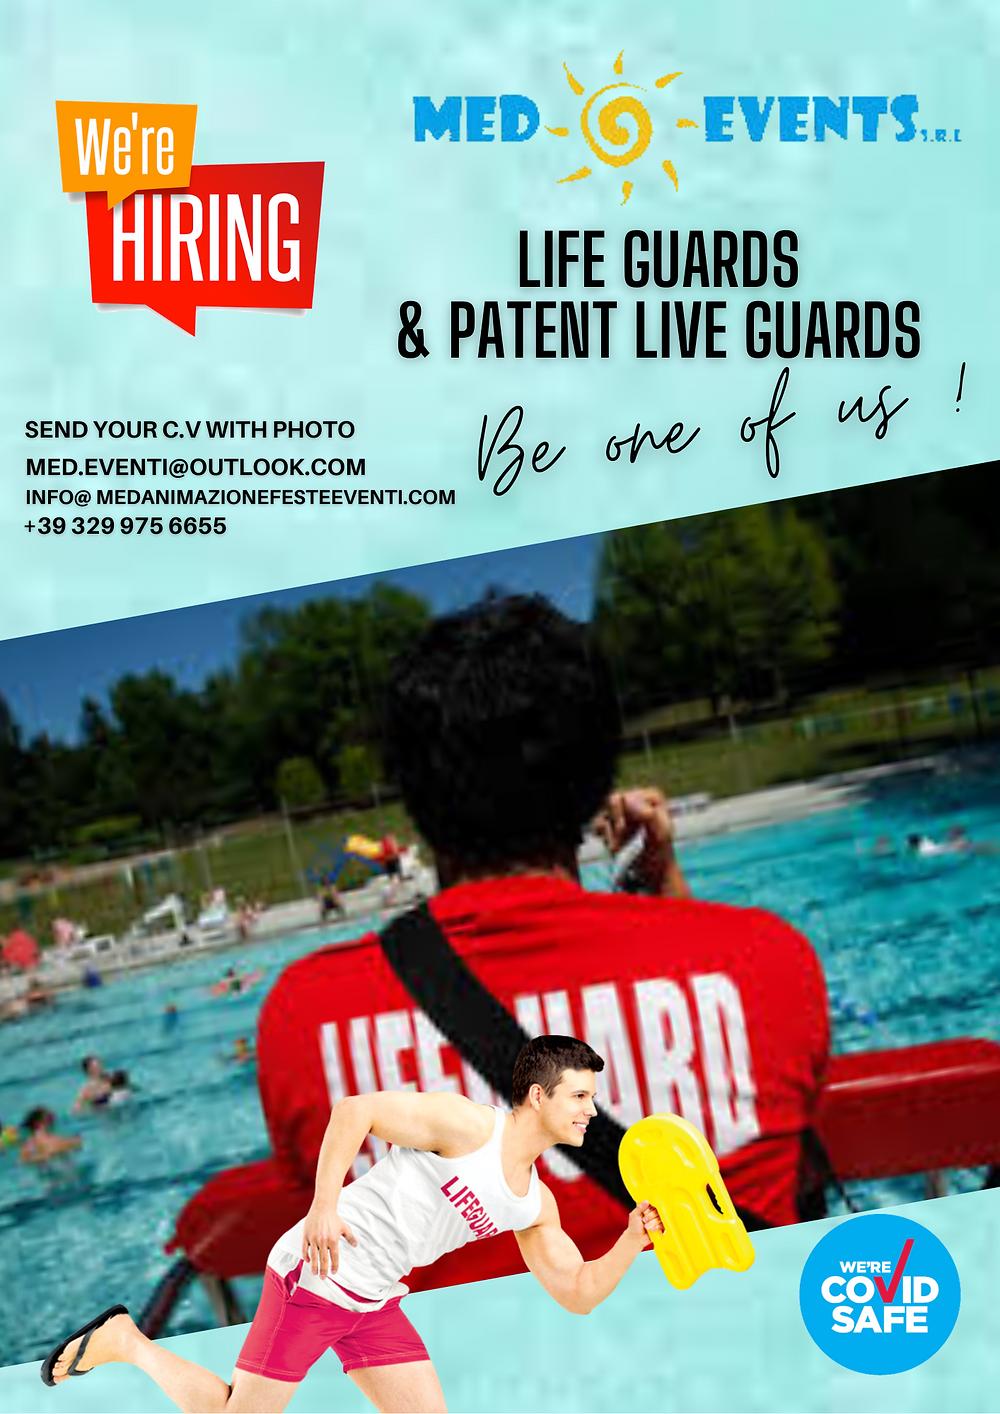 Cerchiamo bagnini di salvataggio anche prima esperienza per la stagione estiva 2021, cerchiamo assistenti bagnanti per strutture ricettive in tutta italia.